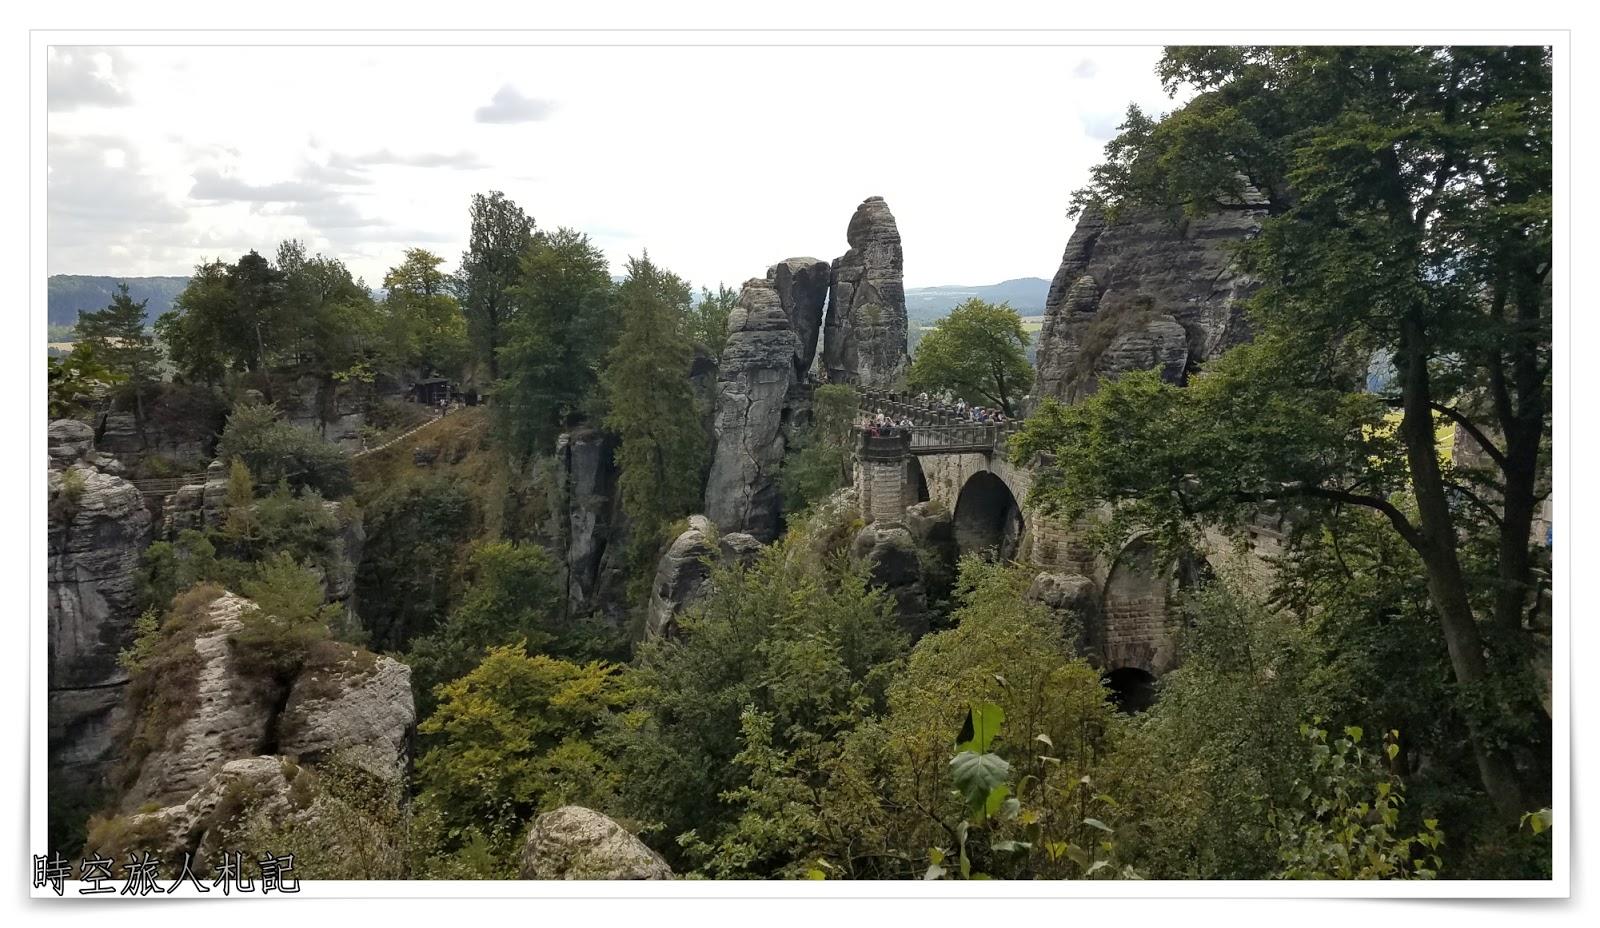 德勒斯登Dresden周邊一日遊: Bastei薩克森小瑞士國家公園、Schloss Pillnitz皮爾尼茲宮